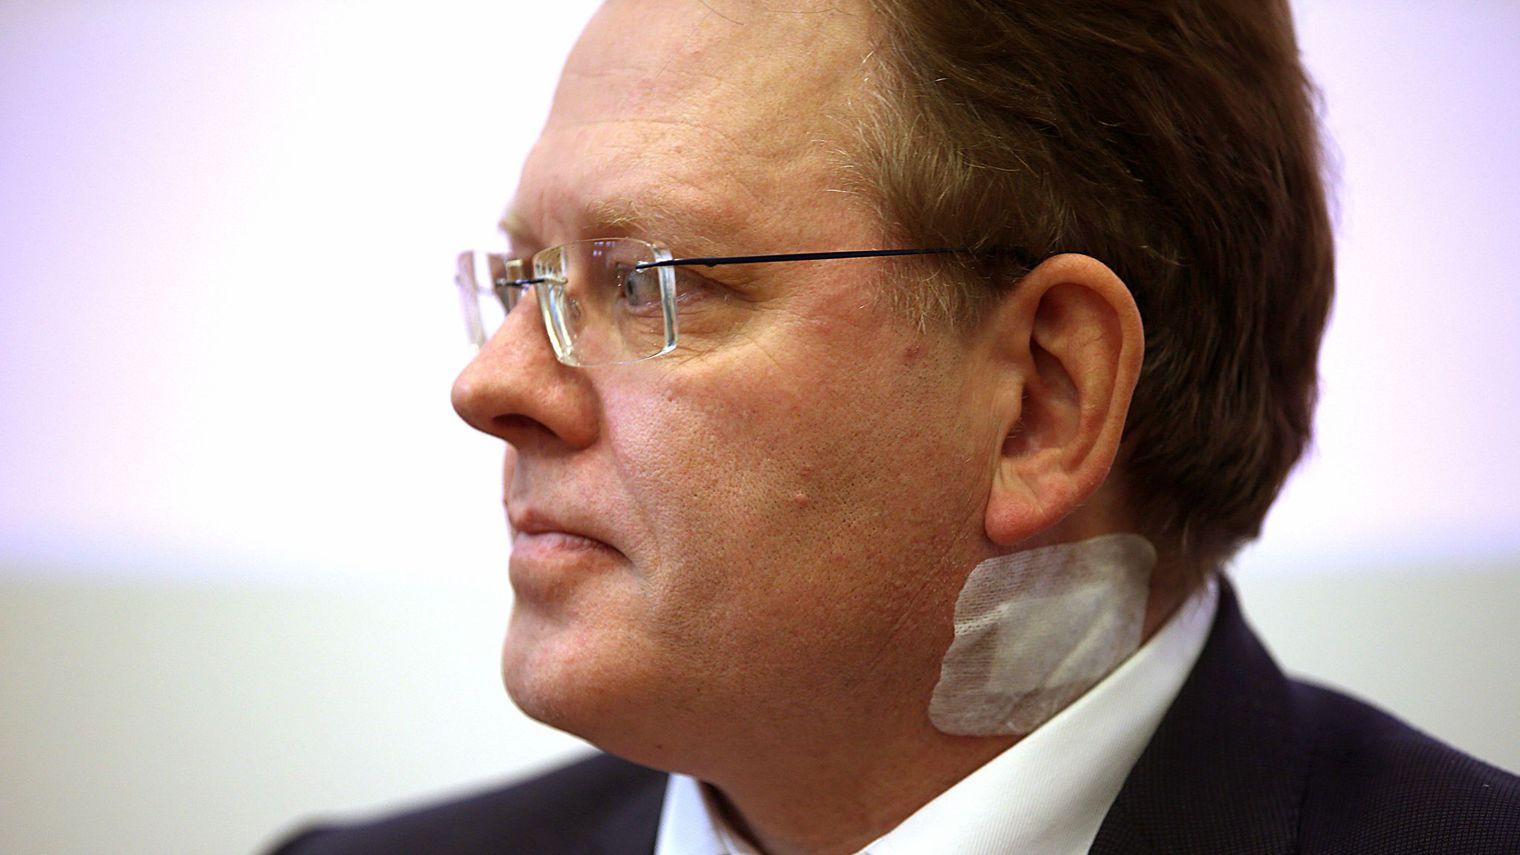 Le maire allemand d'Altena favorable aux réfugiés, agressé au couteau